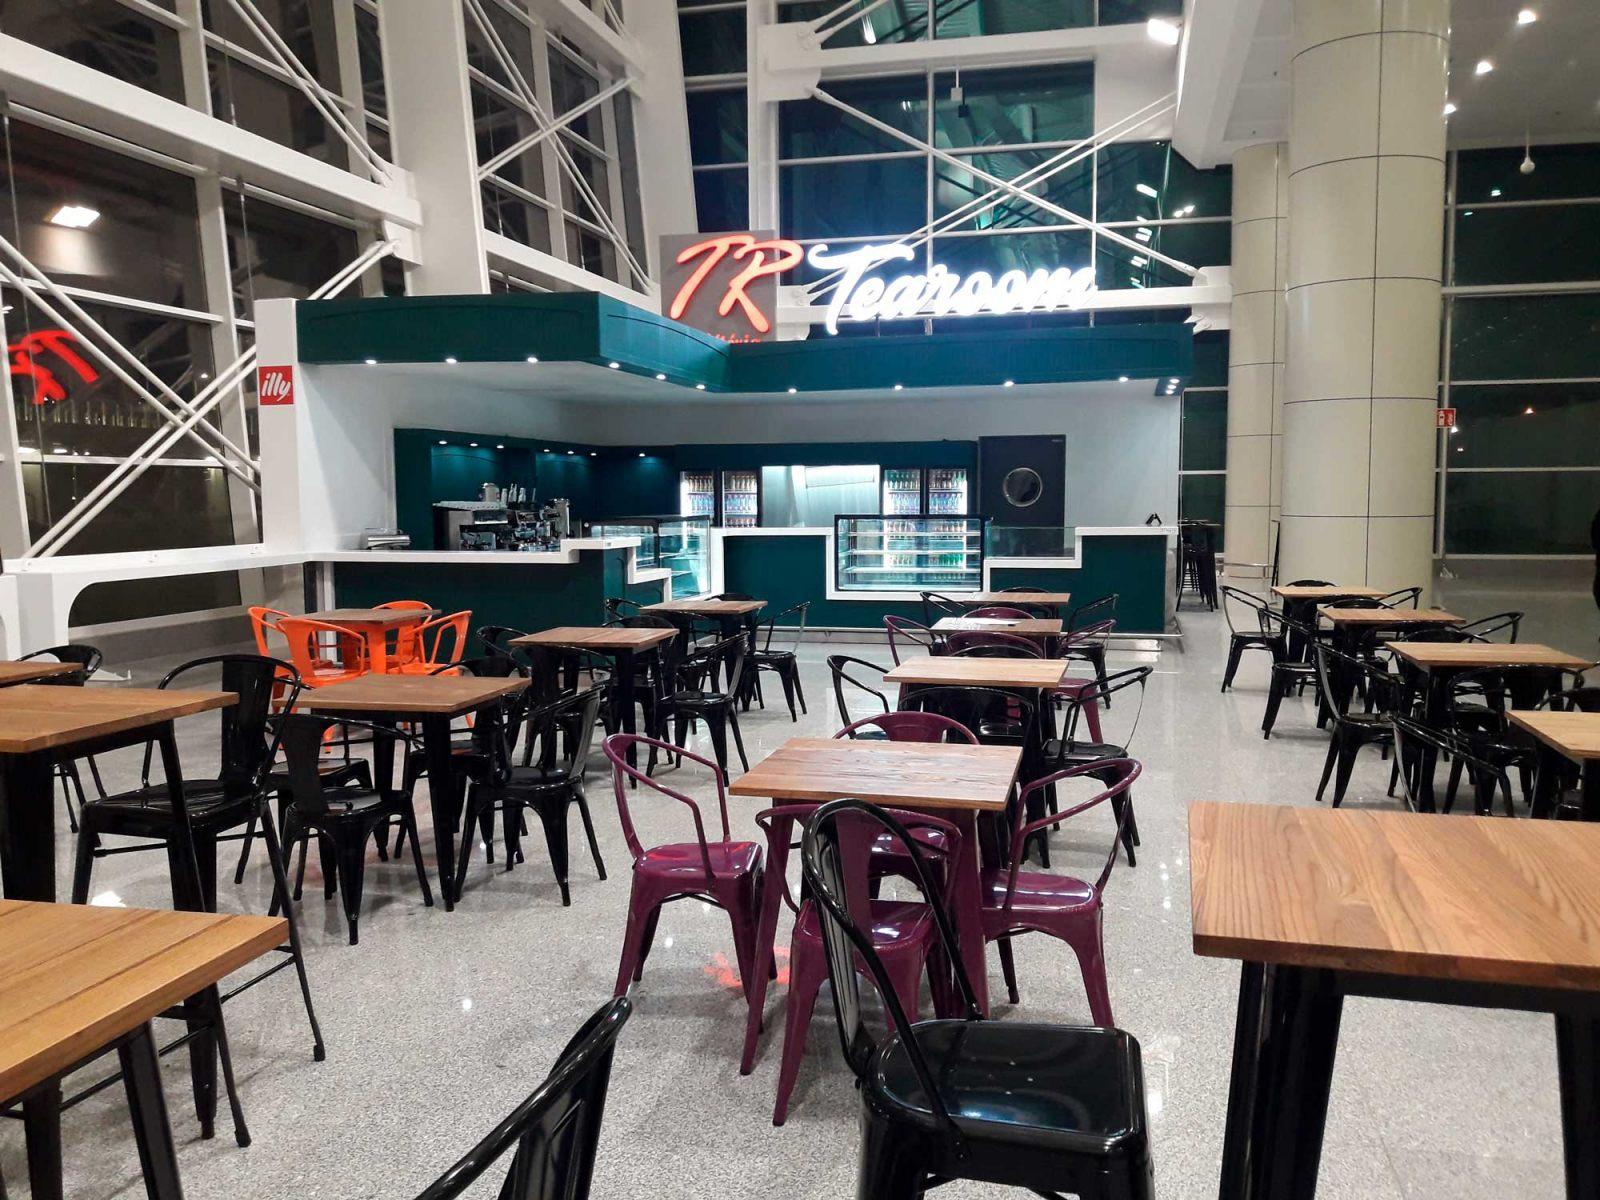 Agencement café tr tea room aeroport ALGER